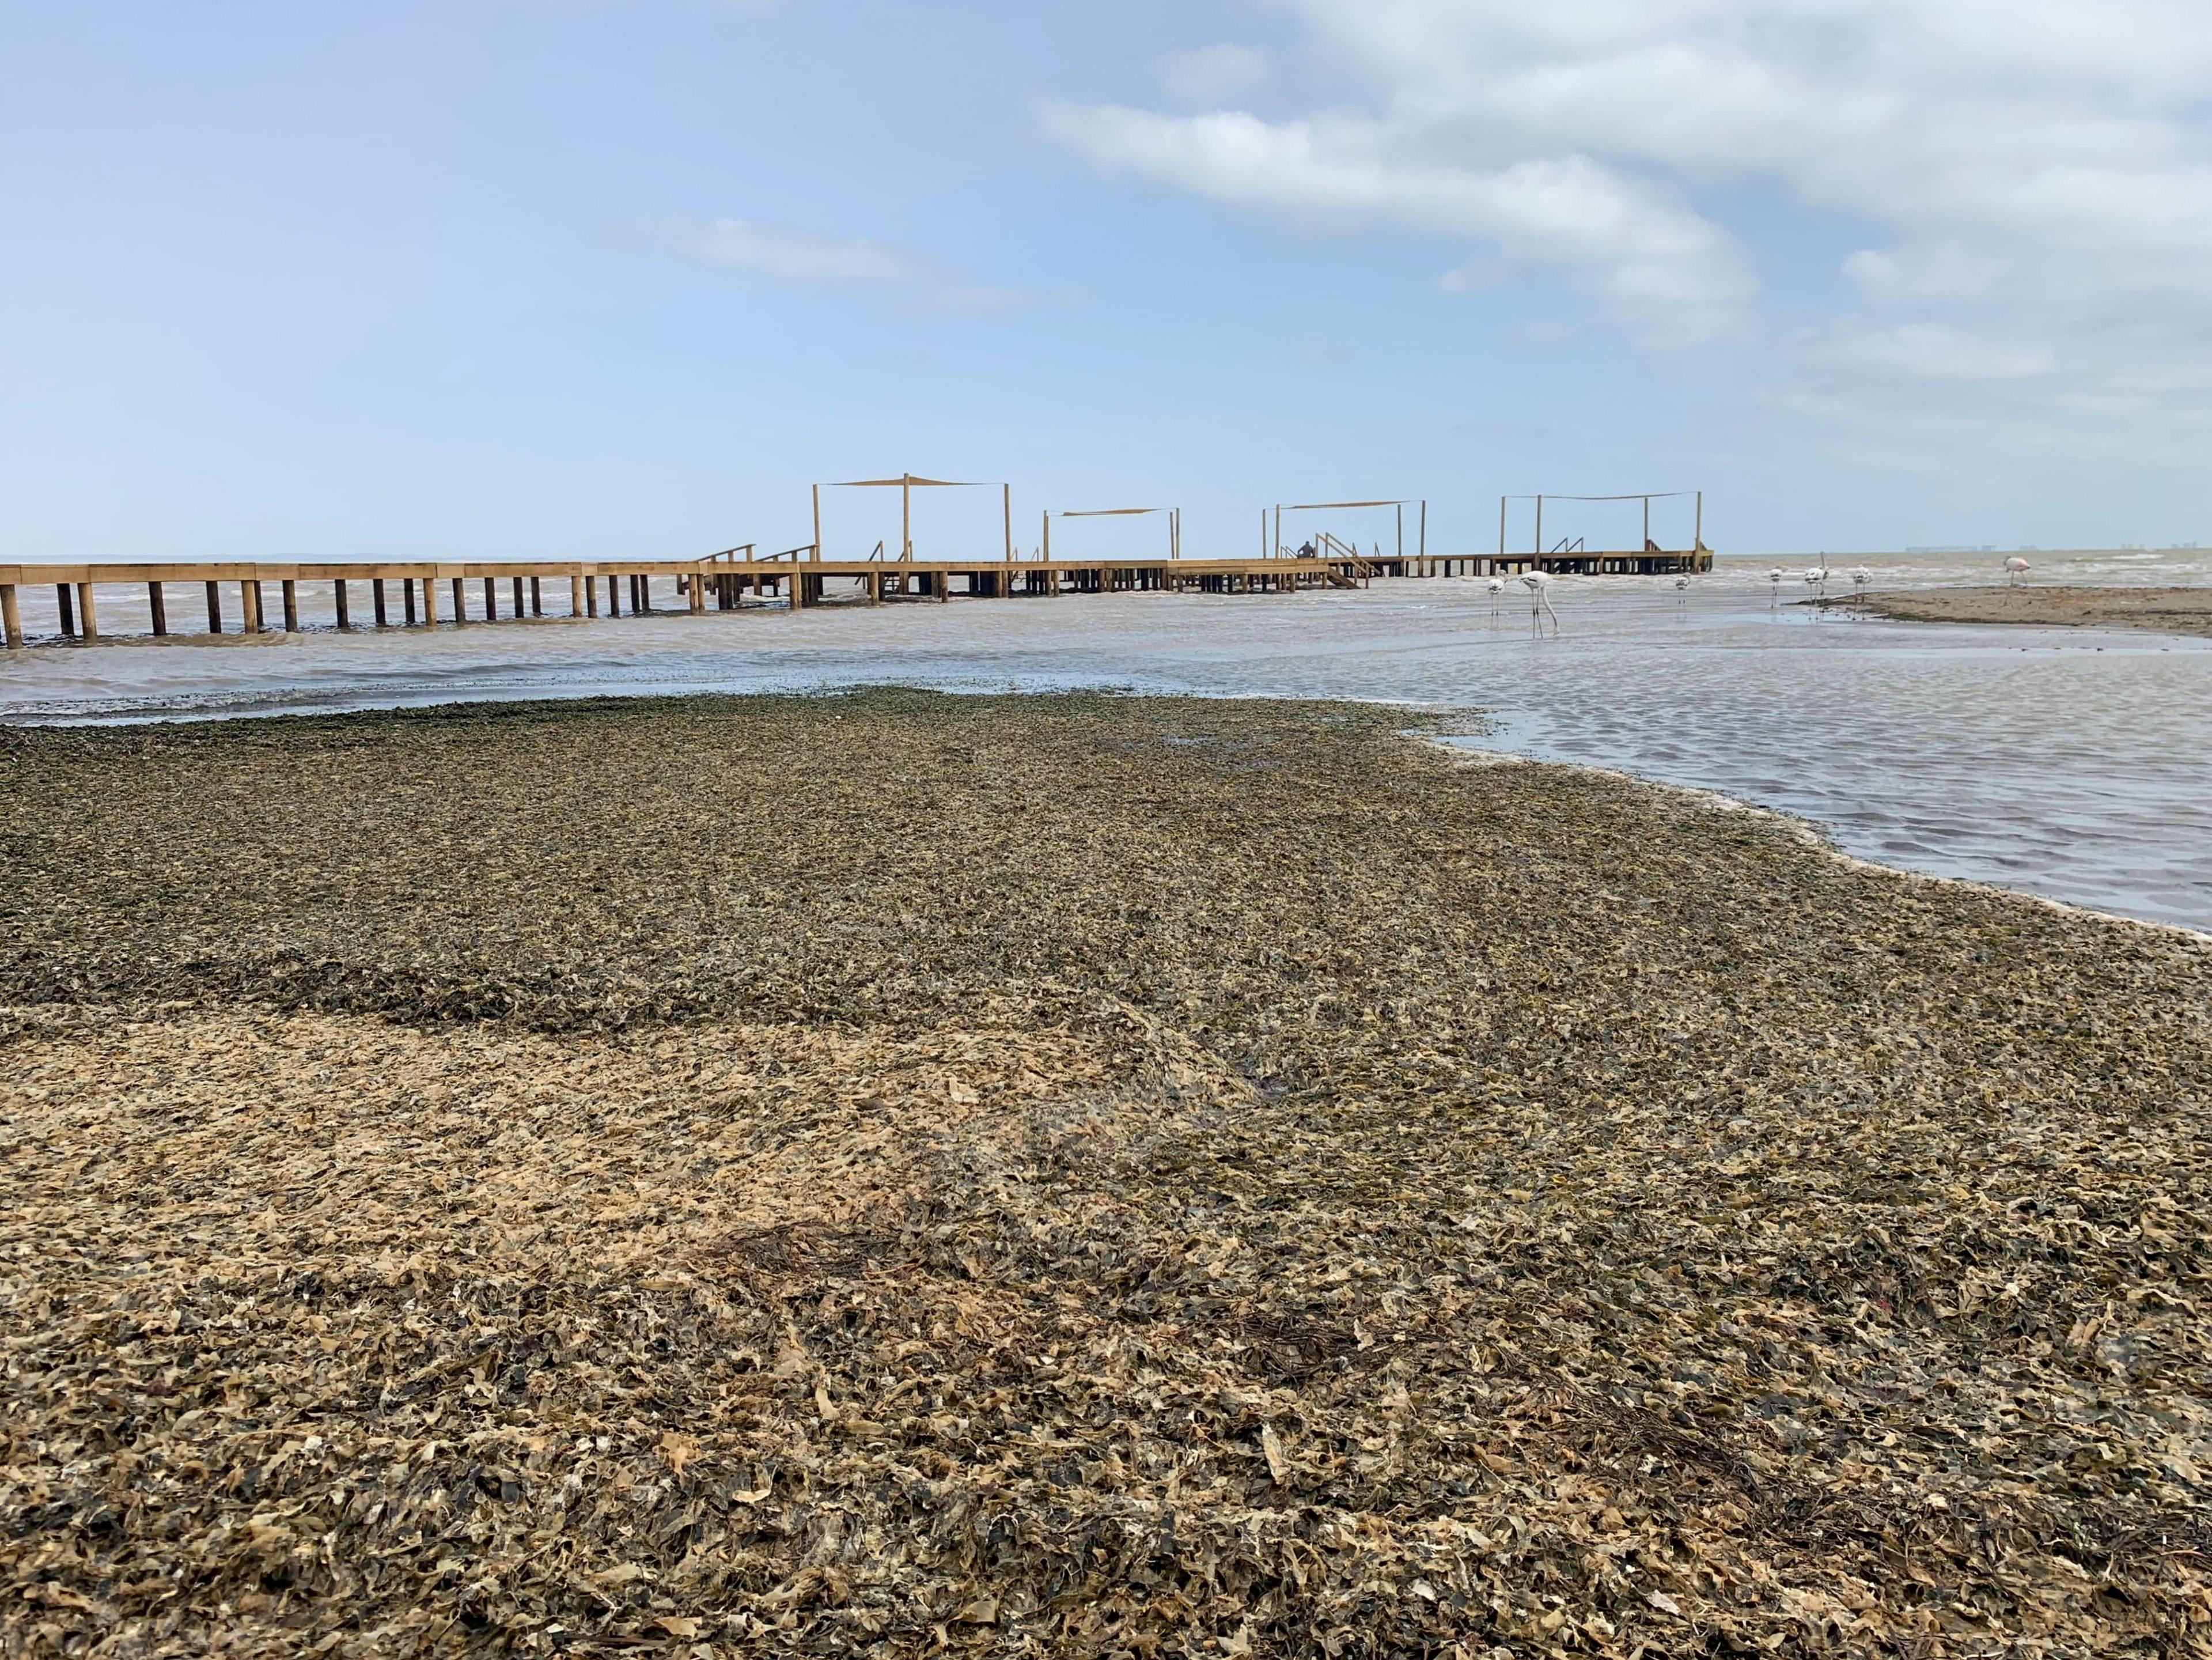 Orilla de la playa de Los Urrutias llena de algas, con un balneario al fondo